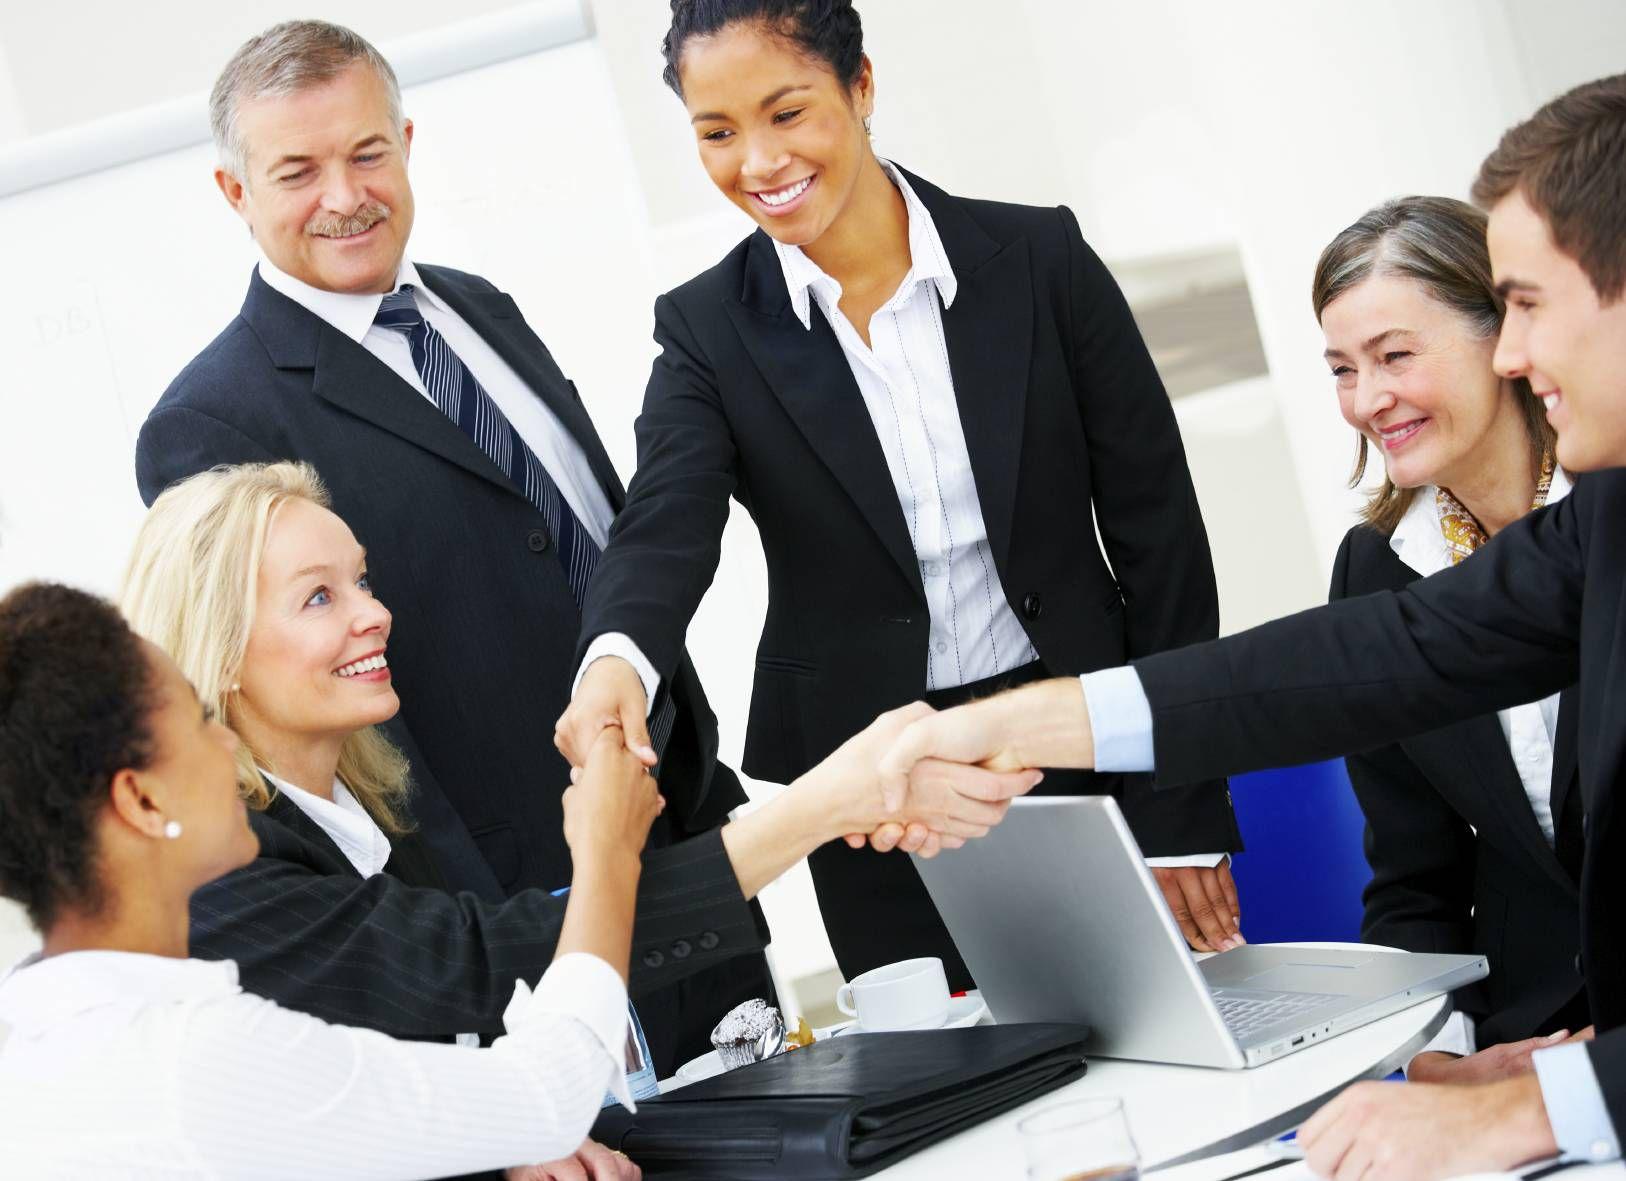 Triển vọng việc làm tại Hà Nội ngành công nghệ mới